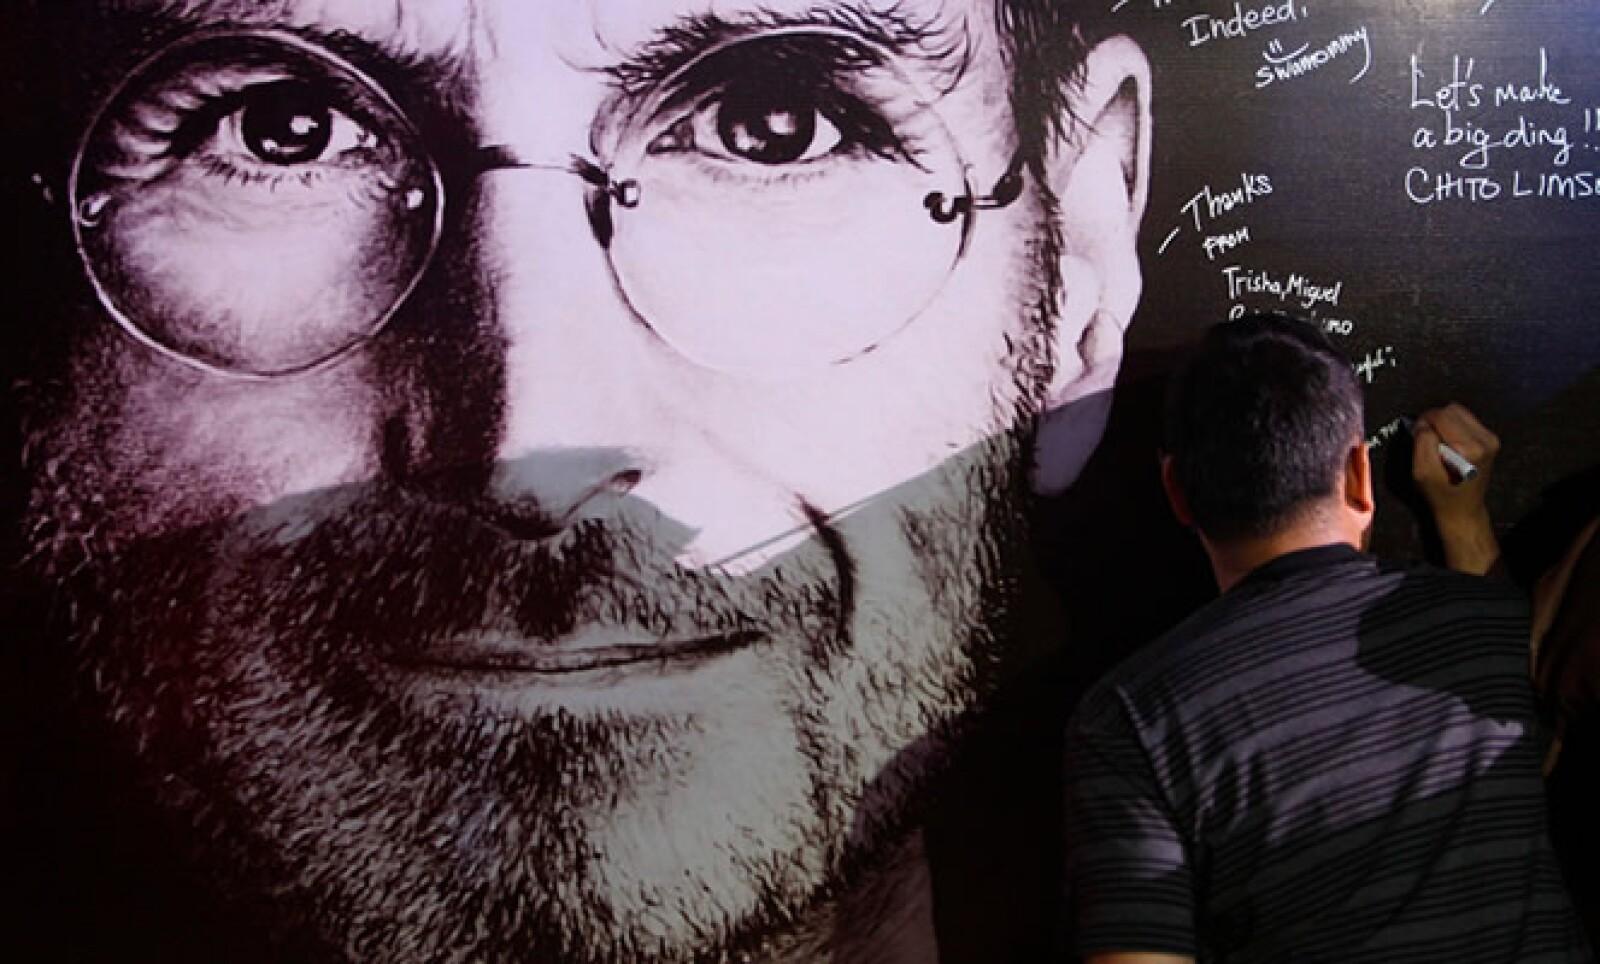 Mientras las tienda de Apple abrían sus puertas, la gente dejaba mensajes para recordar al CEO de la firma, Steve Jobs, fallecido el 5 de octubre.